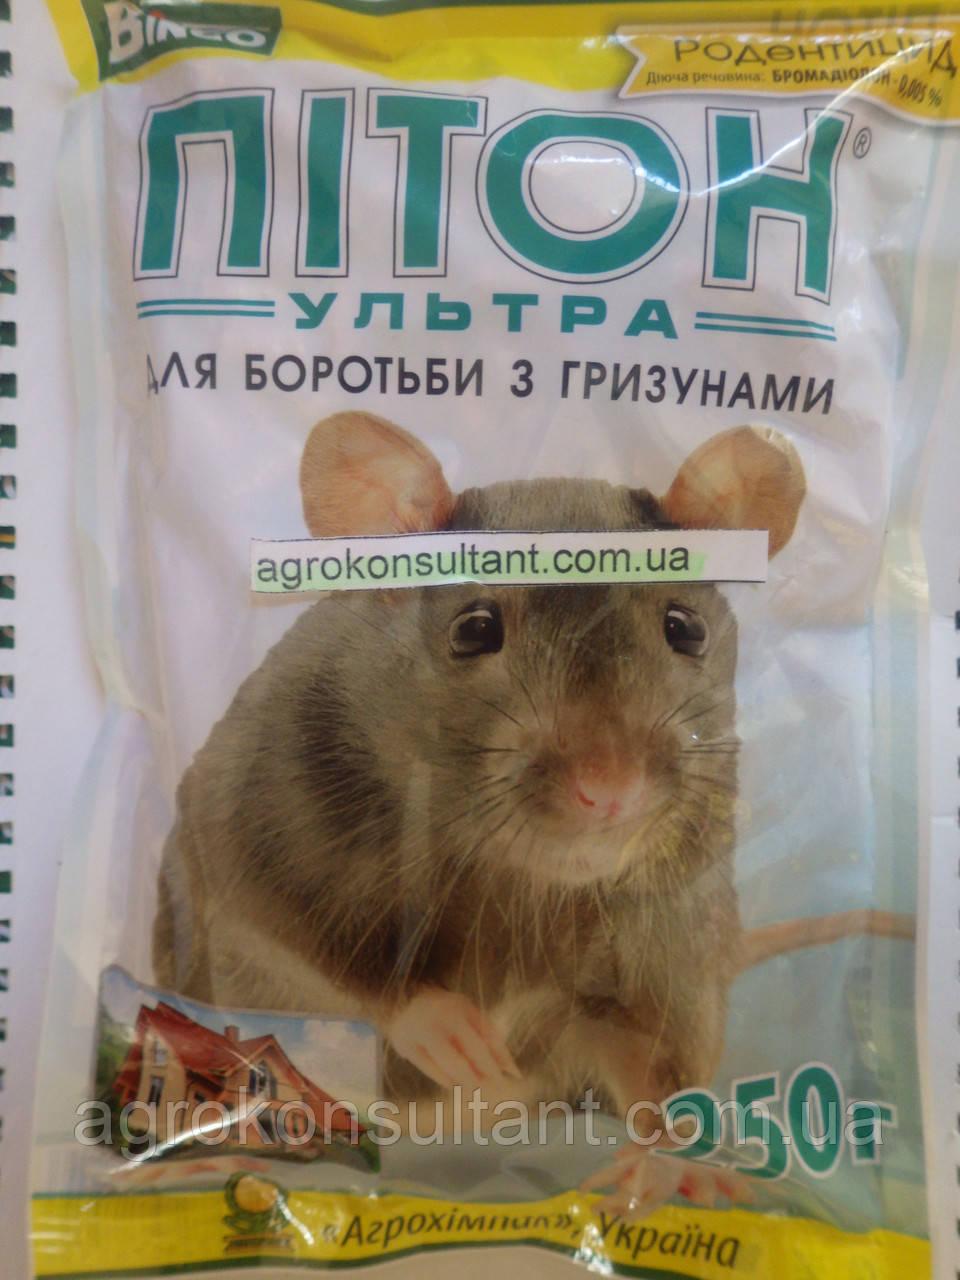 Родентицид Питон Ультра 250 г — гранулы от крыс, мышей, грызунов. Приманка готова к применению.